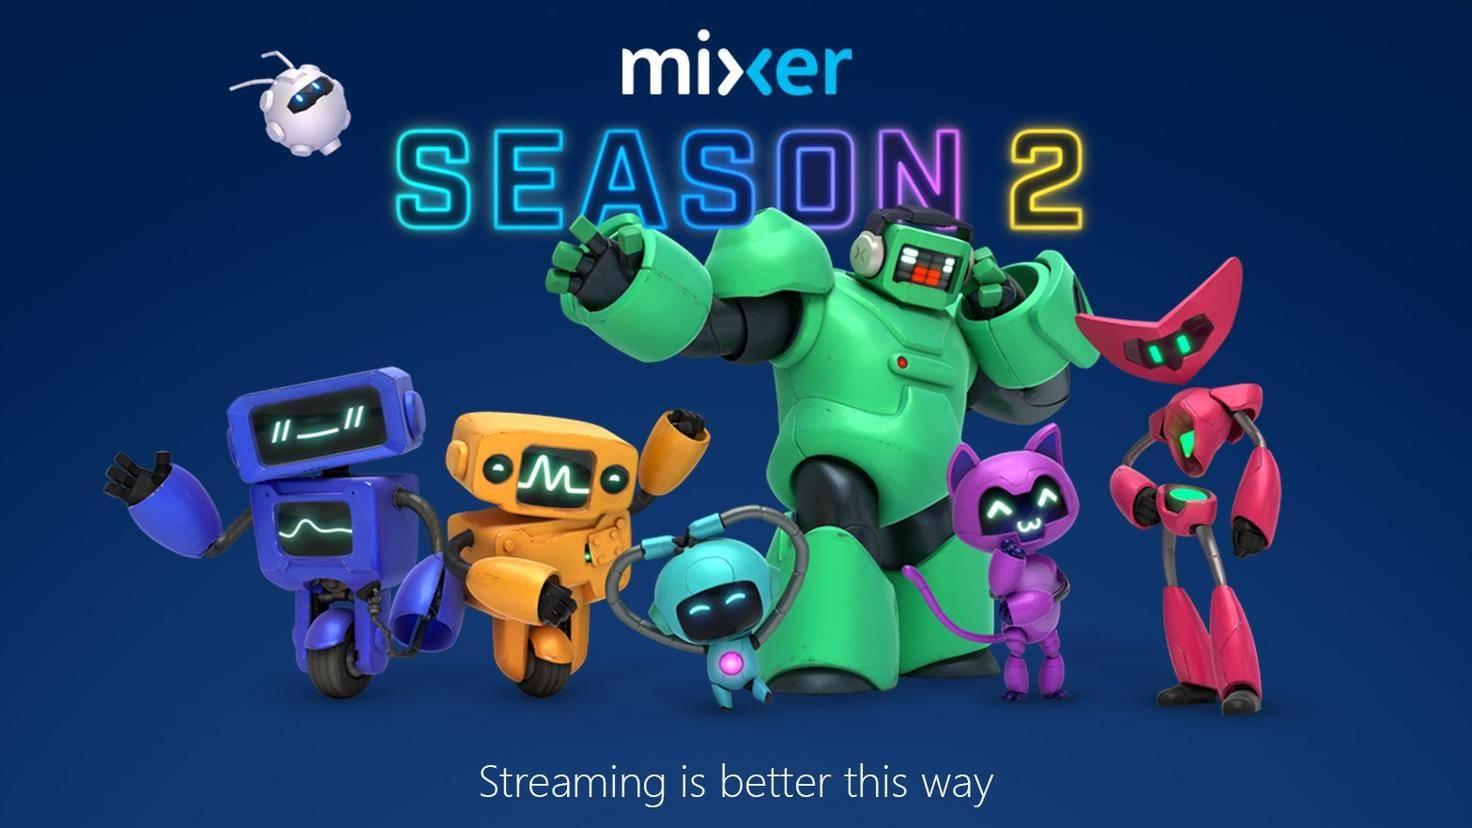 mixer-season-2-artwork